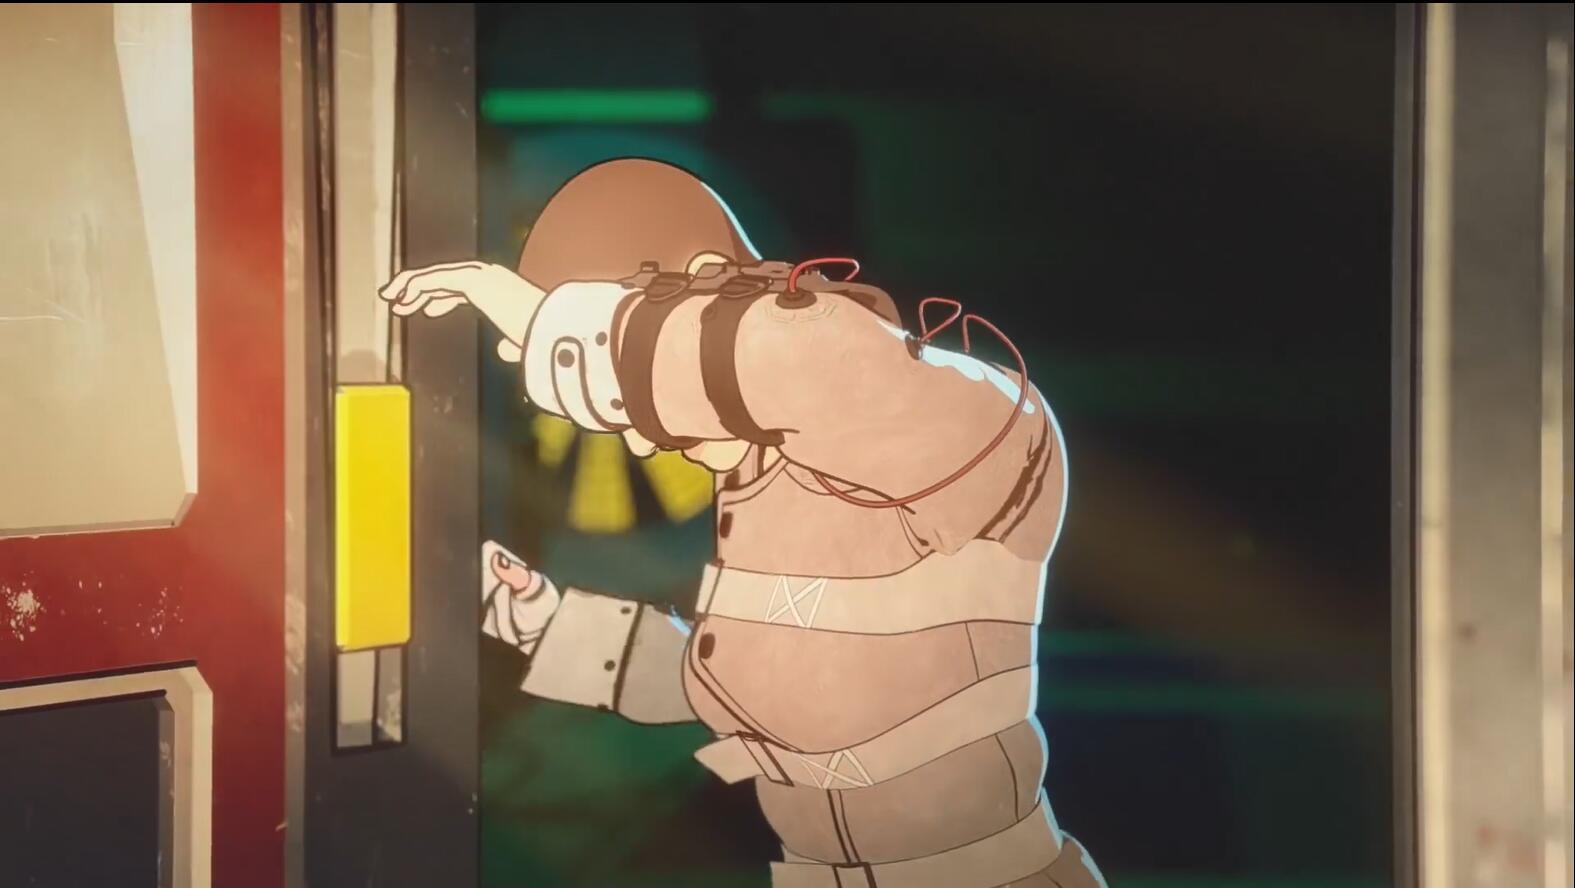 《Apex英雄》恶灵背景短片 虚空行者穿越时空完成复仇